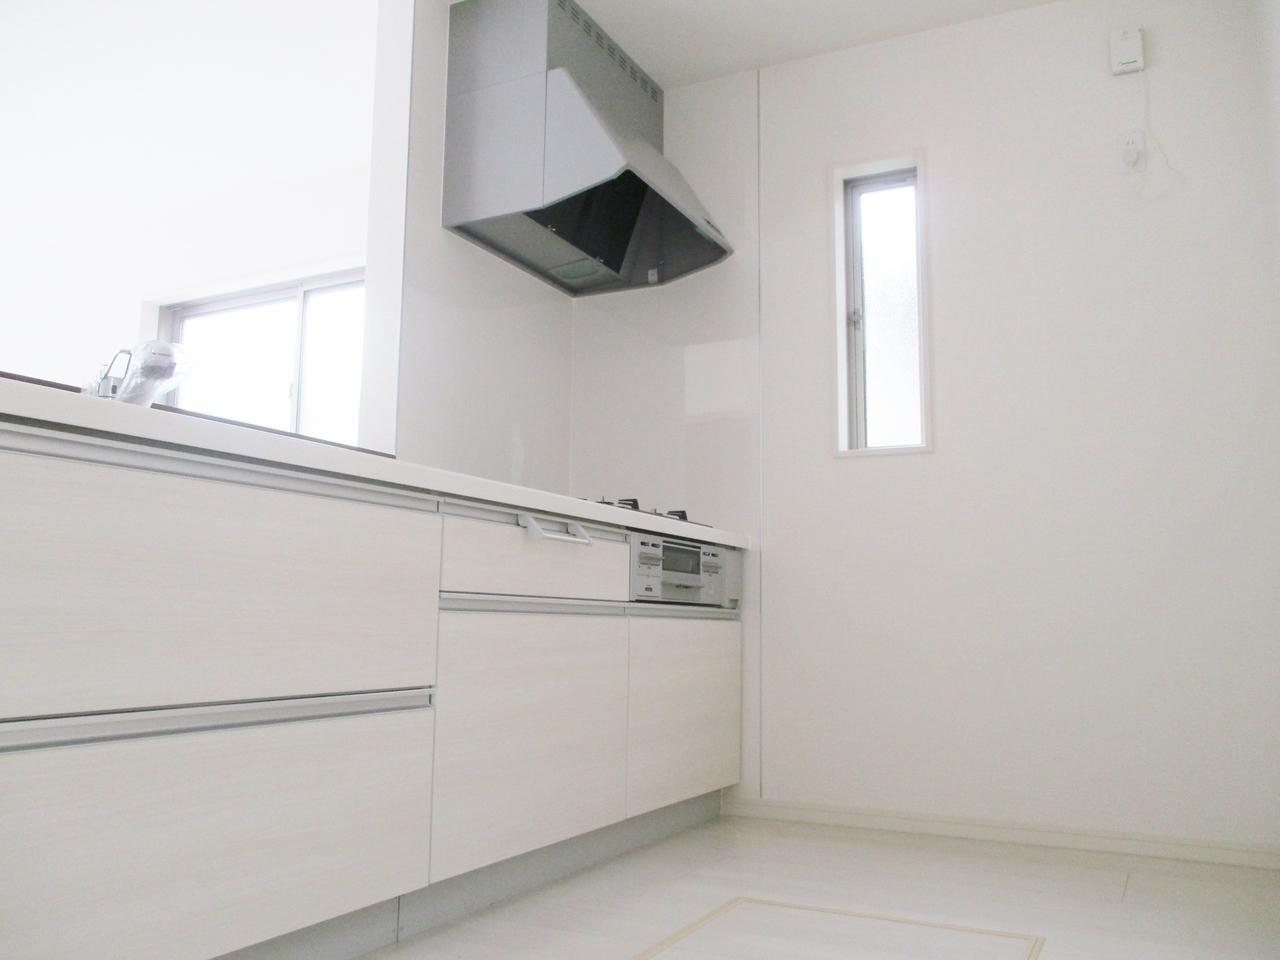 【同社施工例】浄水器付きのシステムキッチンがお料理作りを楽しくさせてくれます